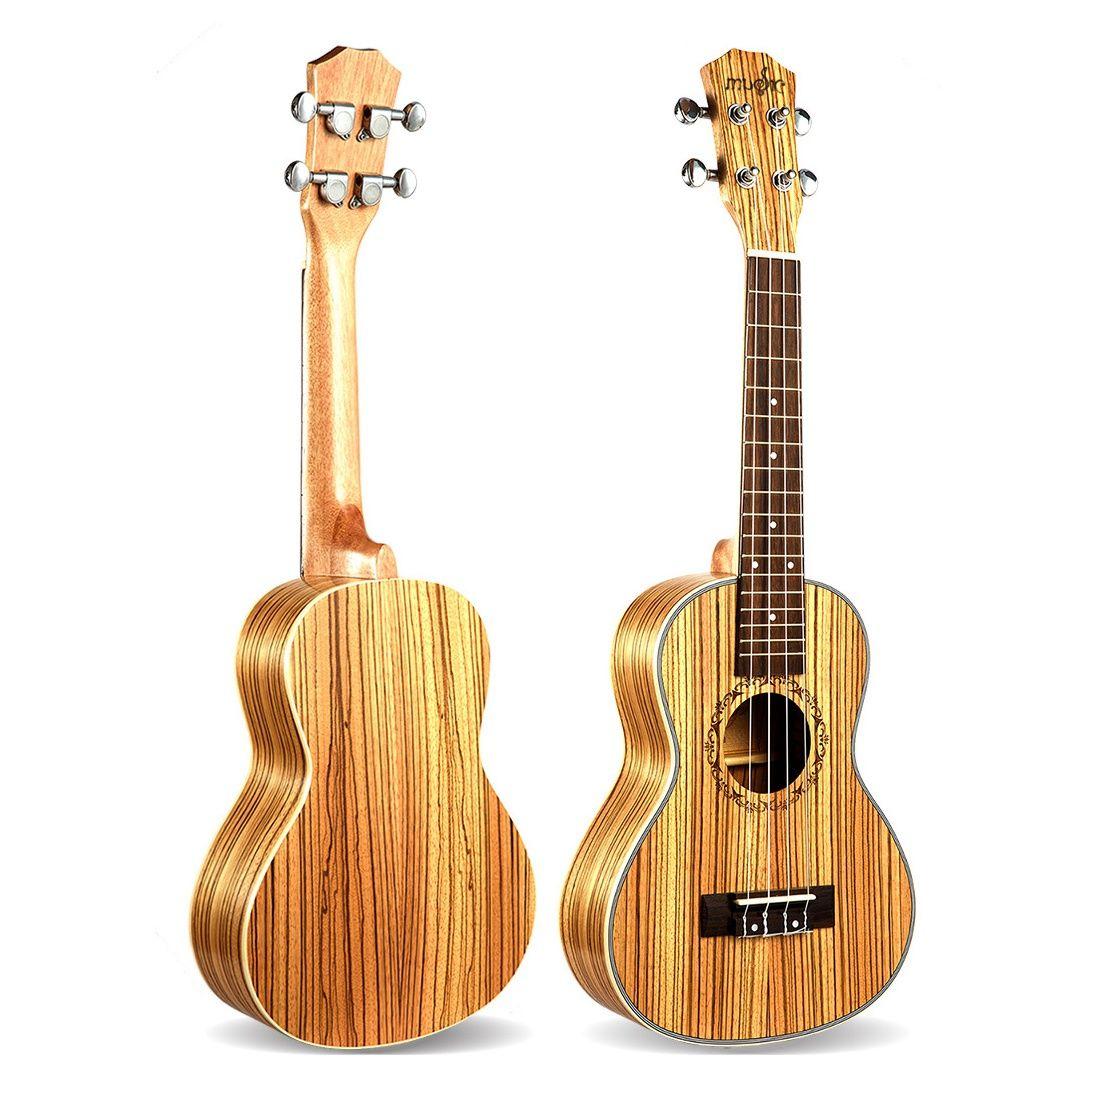 Concierto Ukulele 23 pulgadas 4 cuerdas Hawaiian Mini guitarra acústica guitarra Ukelele guitarra enviar regalos Musical instrumento de cuerda